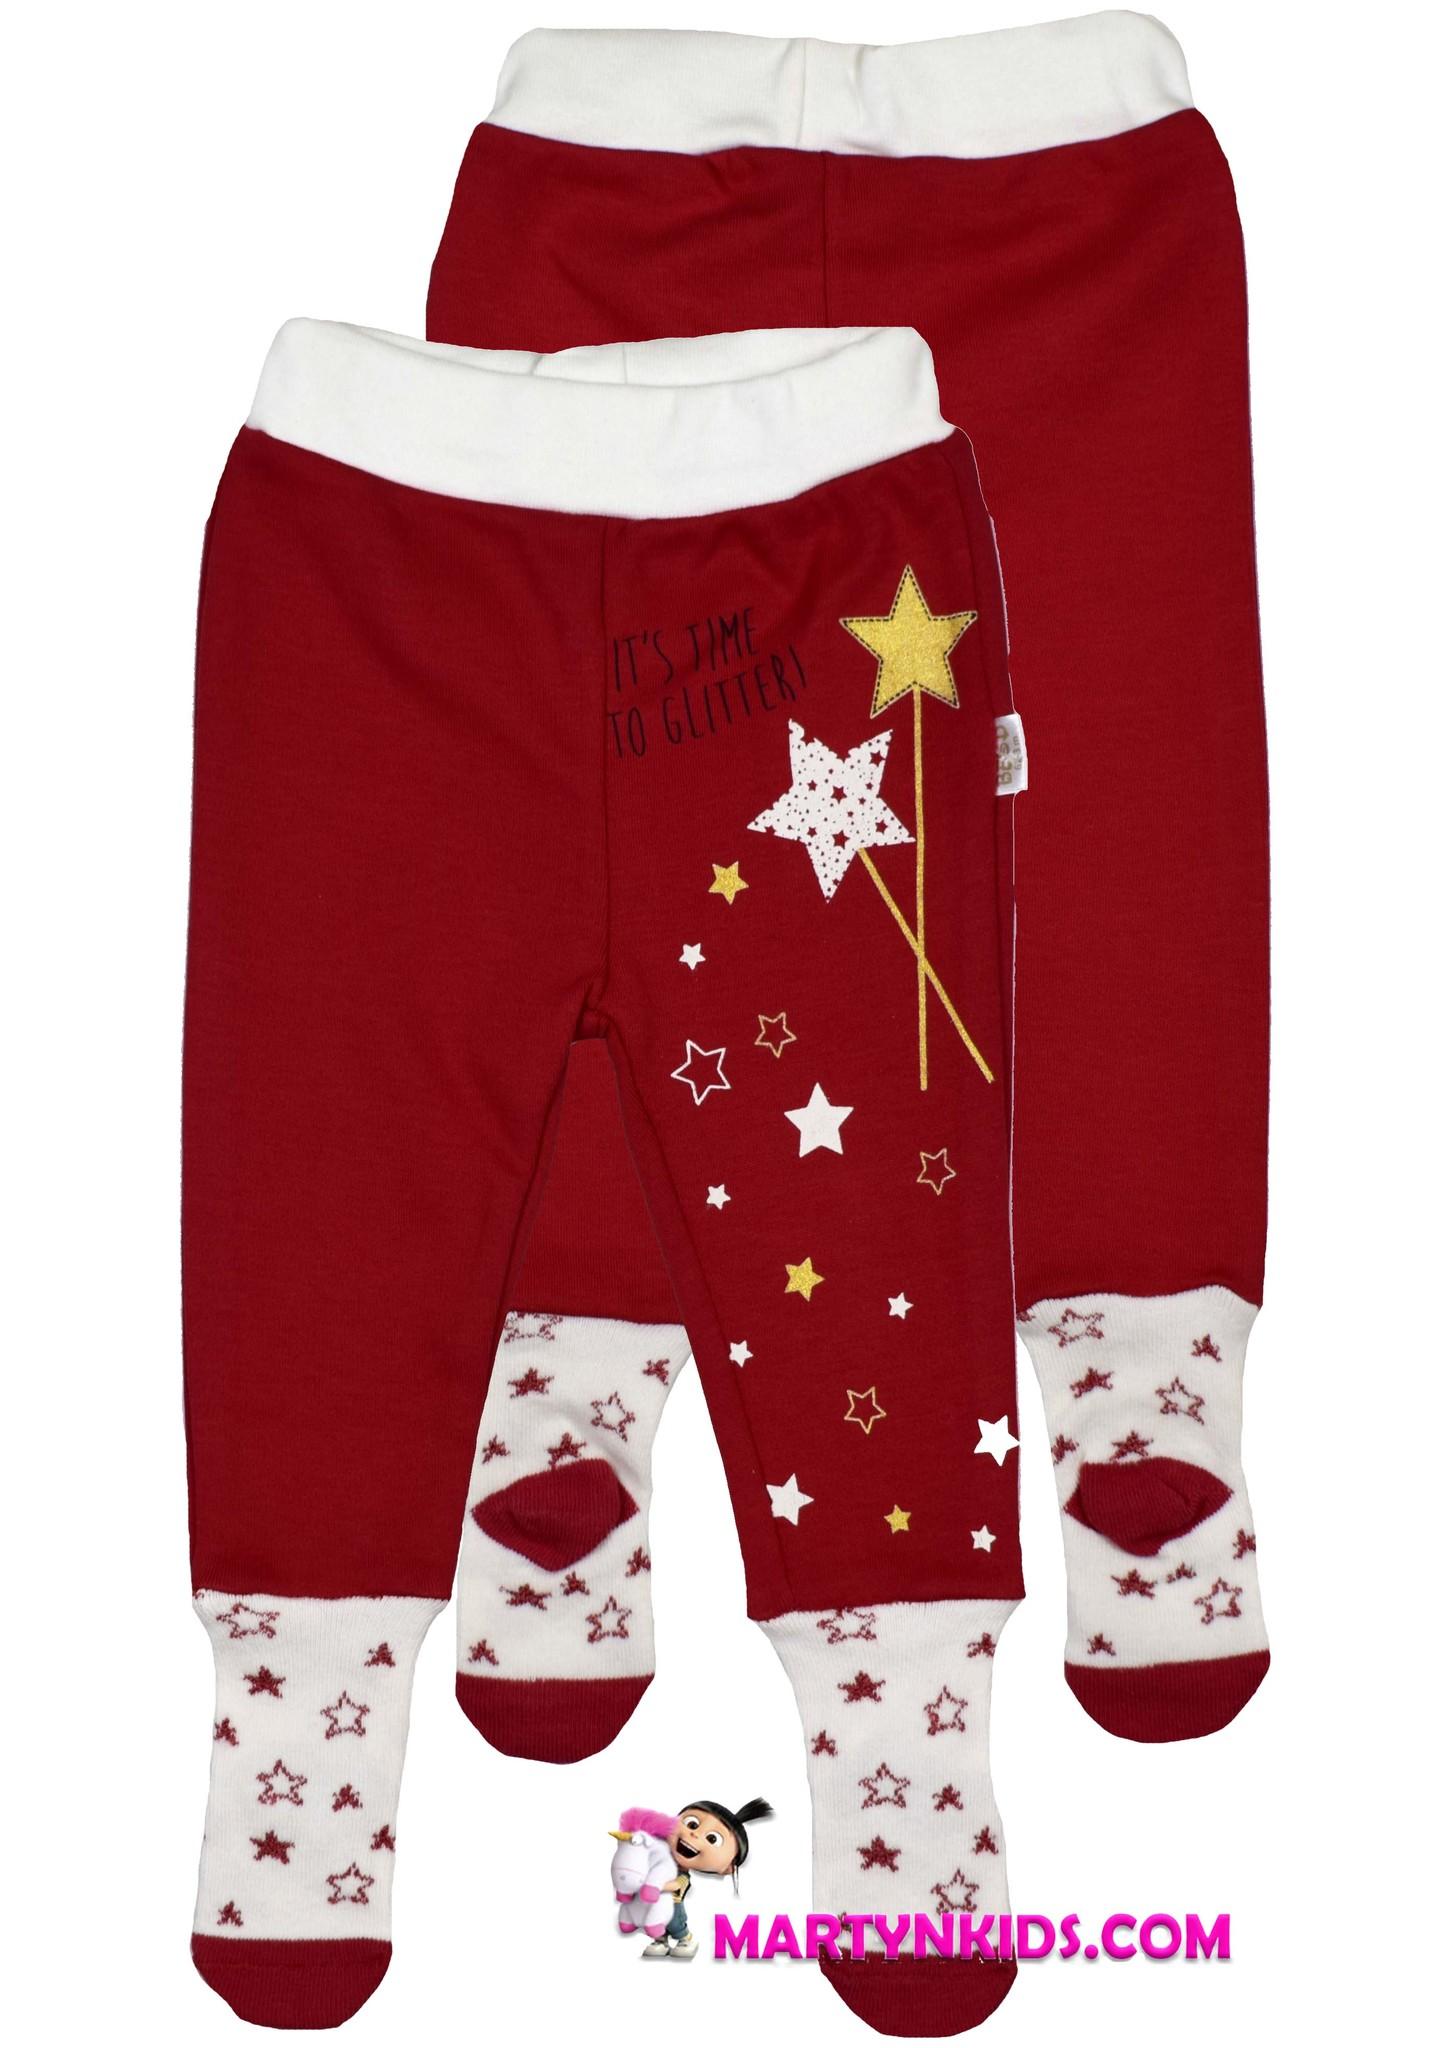 2068 колготки - штанишки с носочками Звездочки